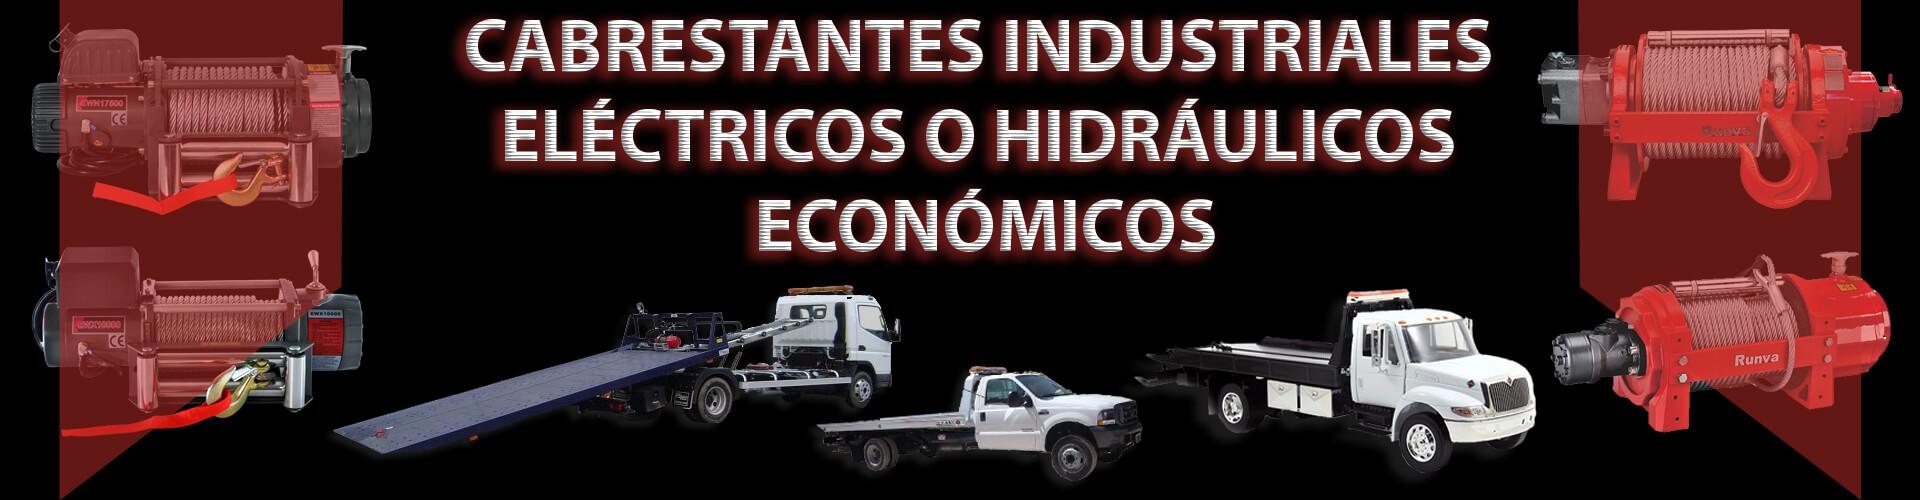 Cabrestantes industriales baratos